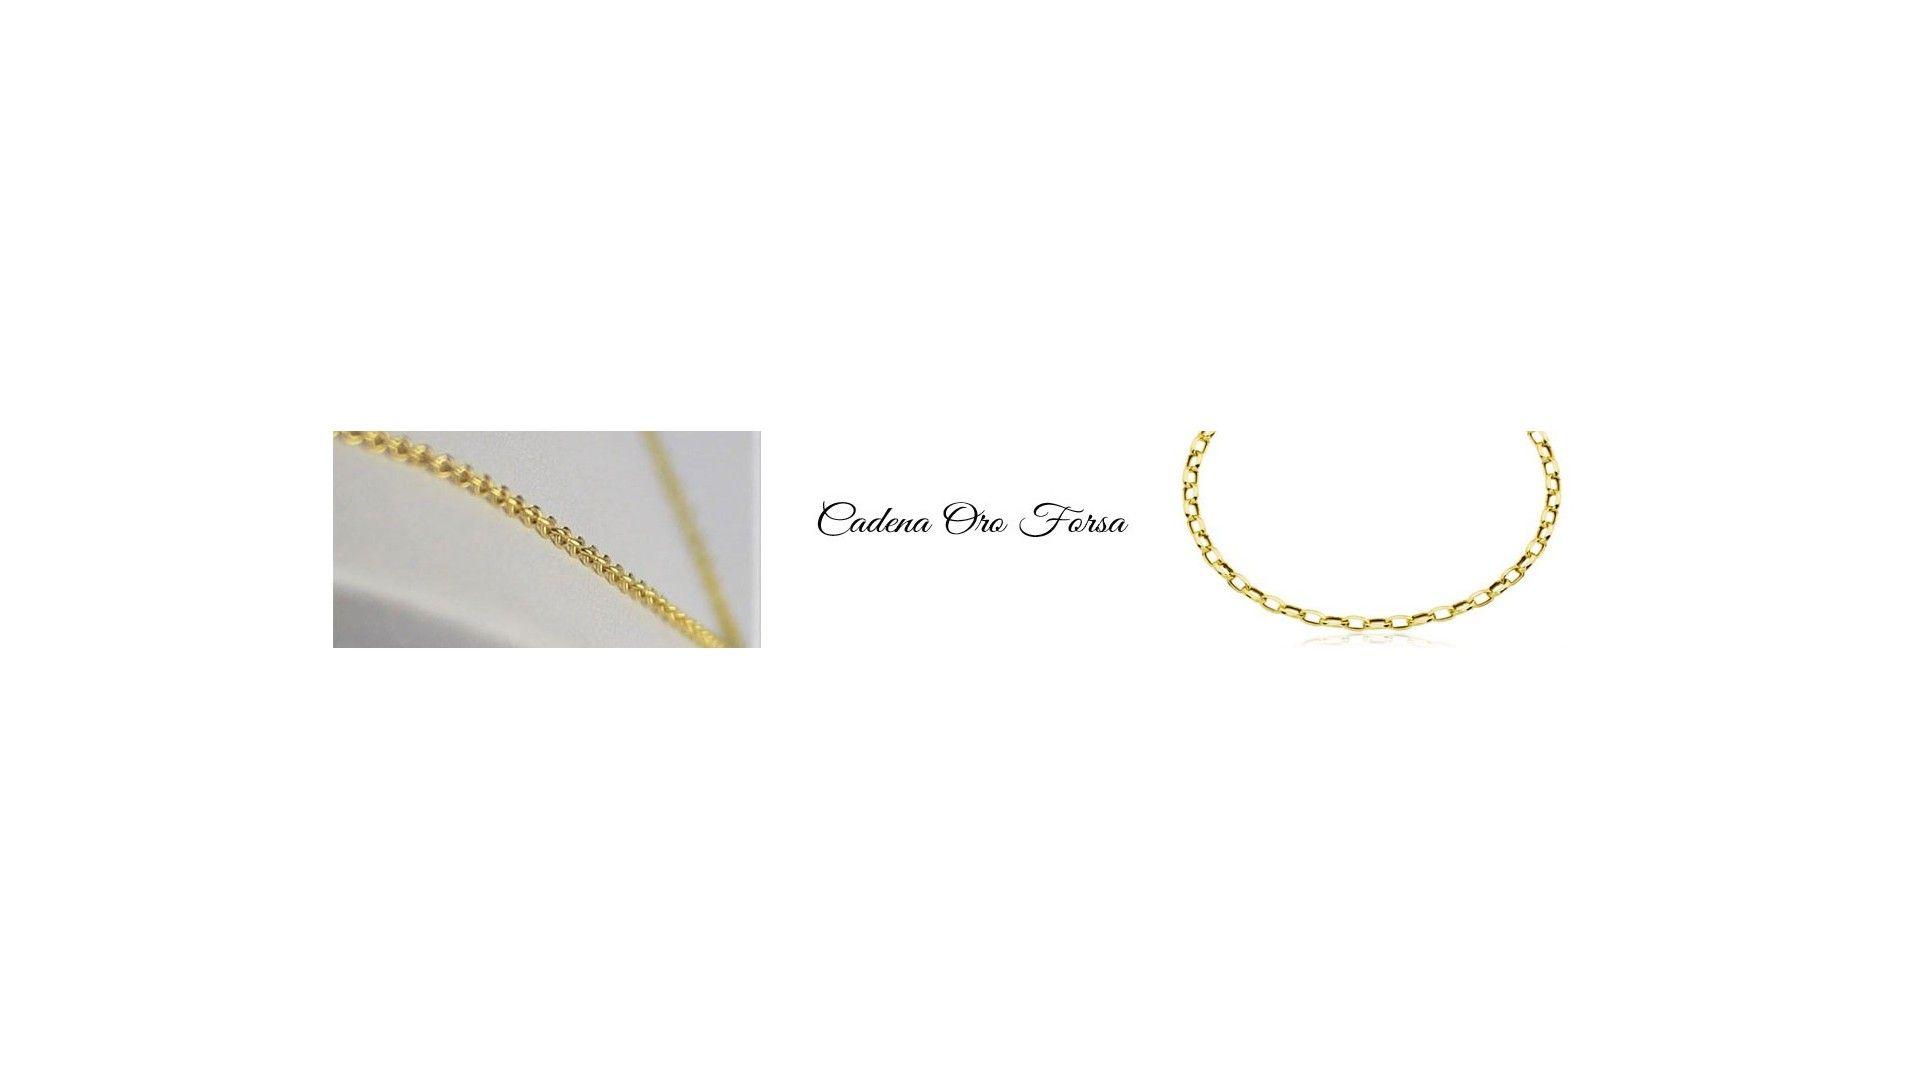 Cadena de oro Forsa de 50 cm